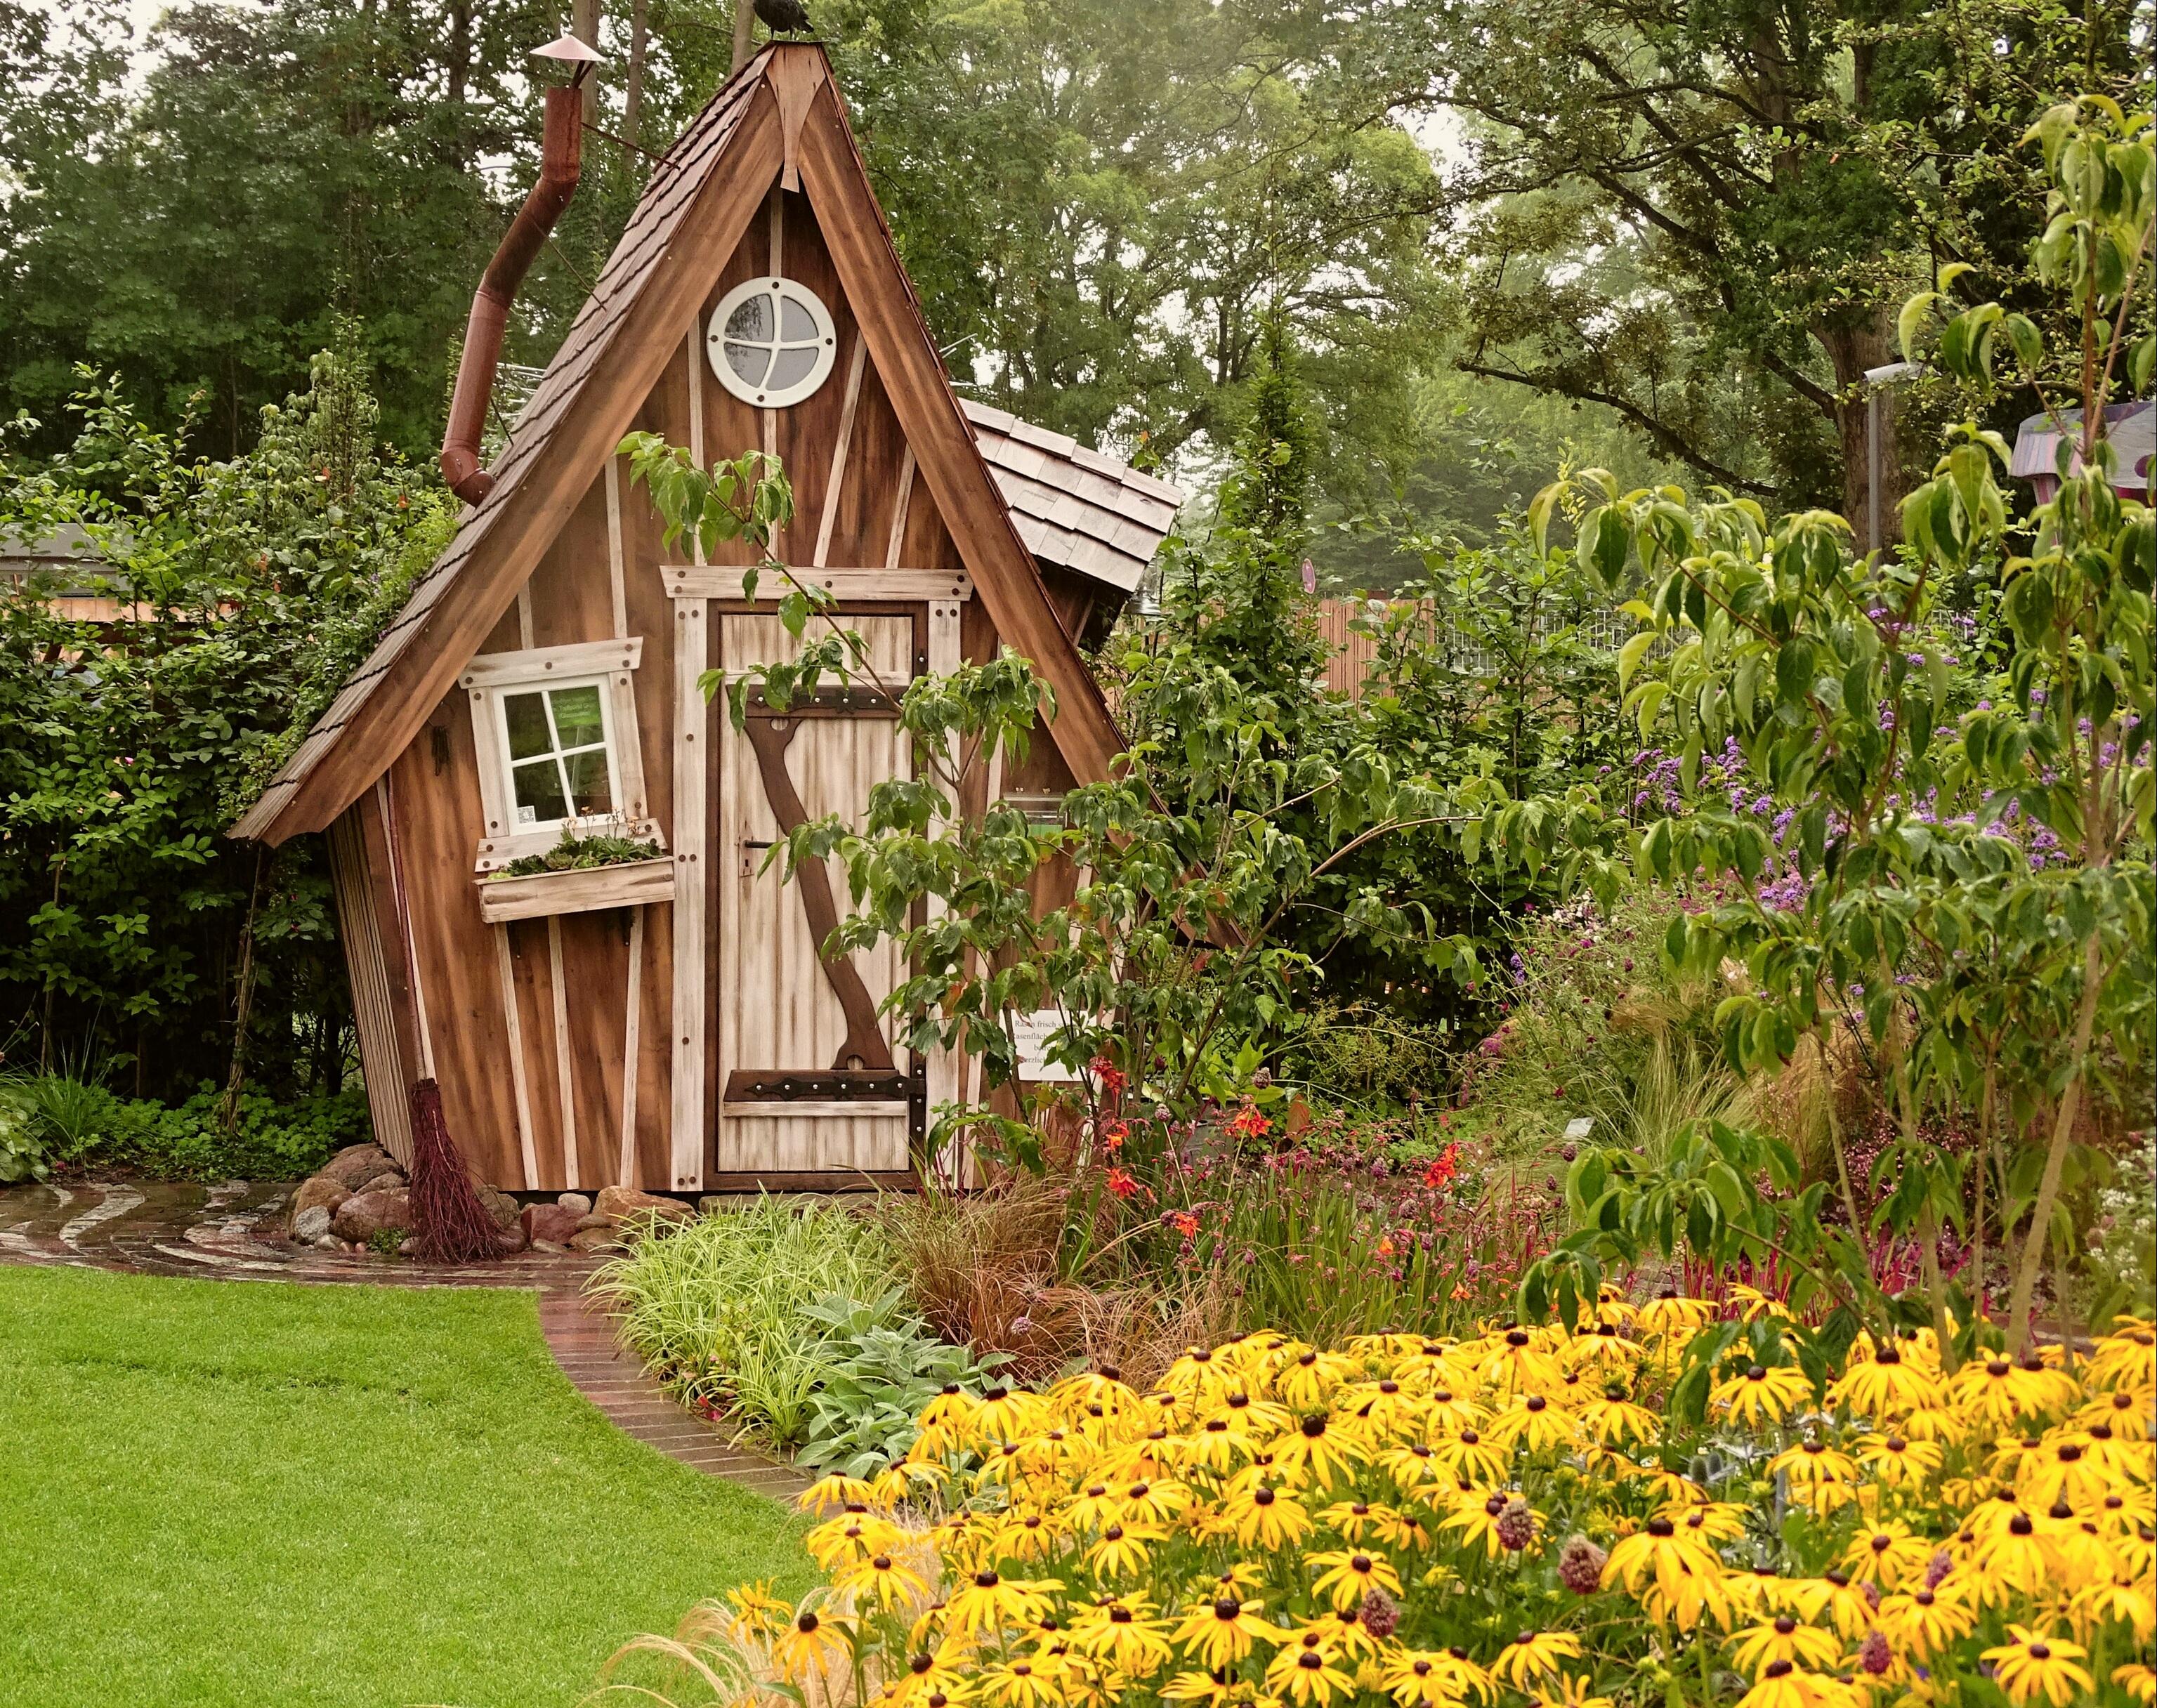 images gratuites abri de jardin attribution maison romantique vacances d co chalet. Black Bedroom Furniture Sets. Home Design Ideas